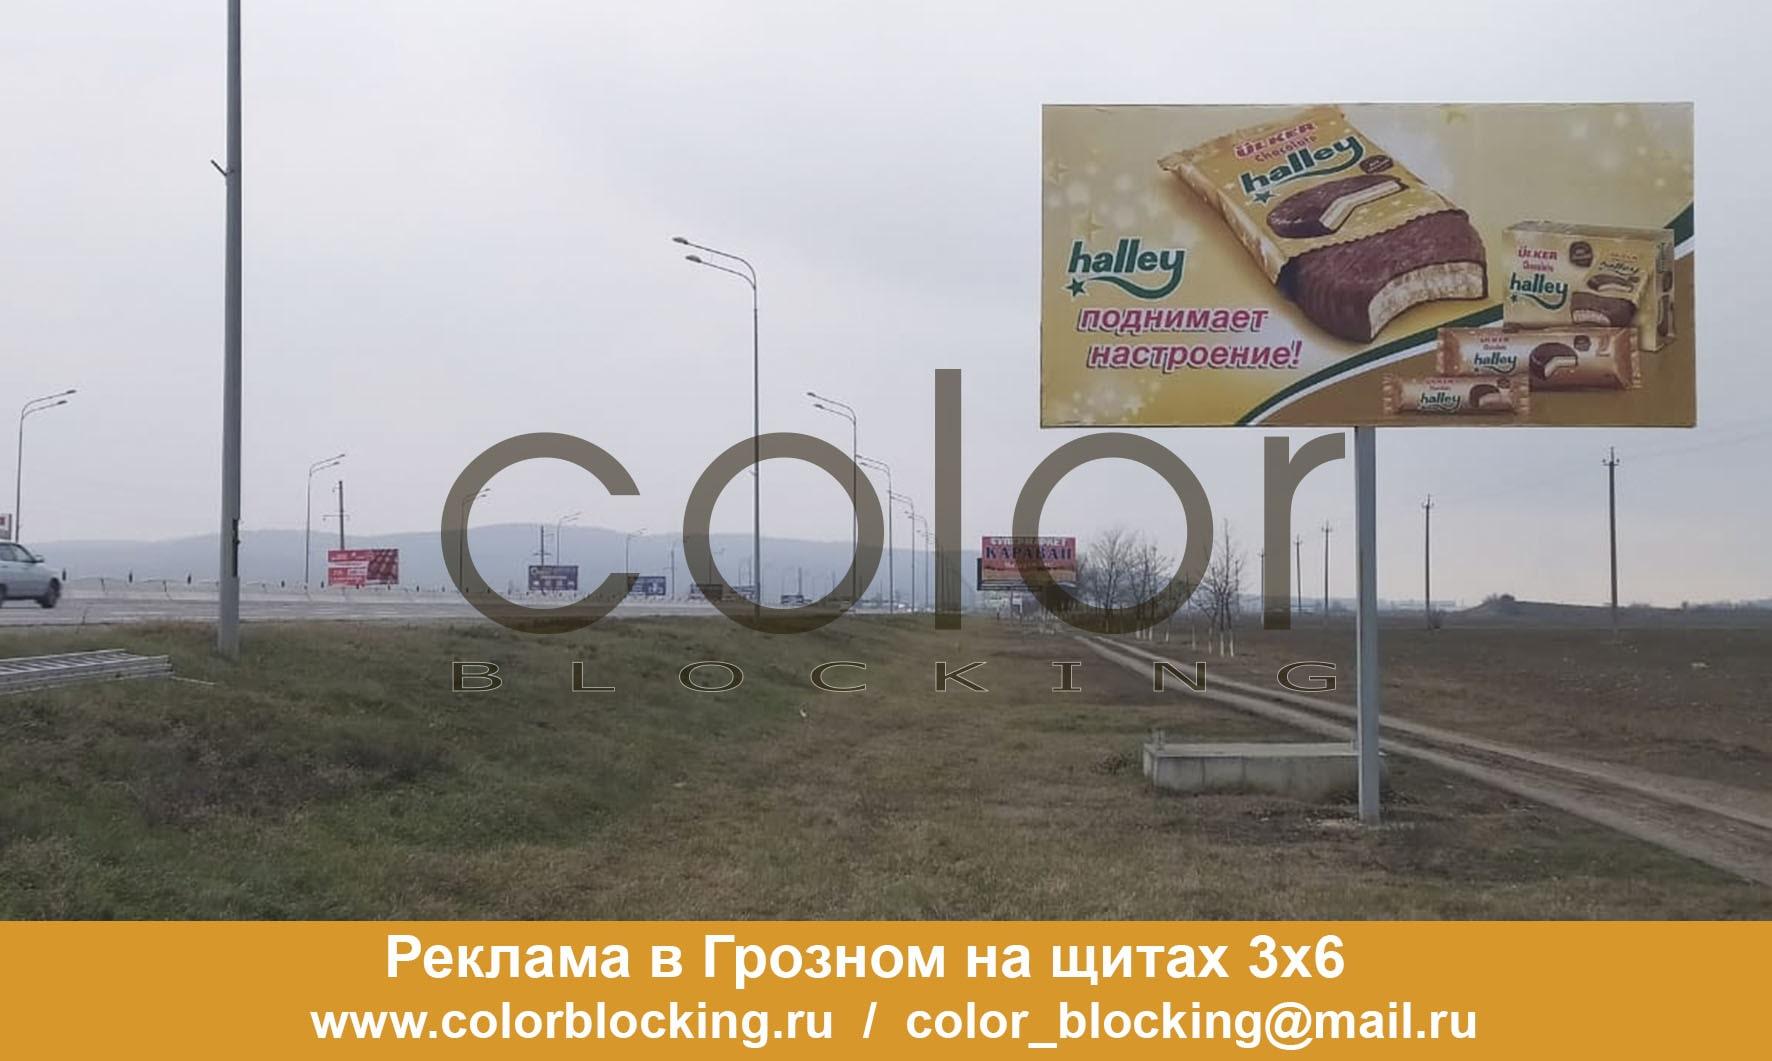 Реклама в Грозном на щитах 3х6 въезд